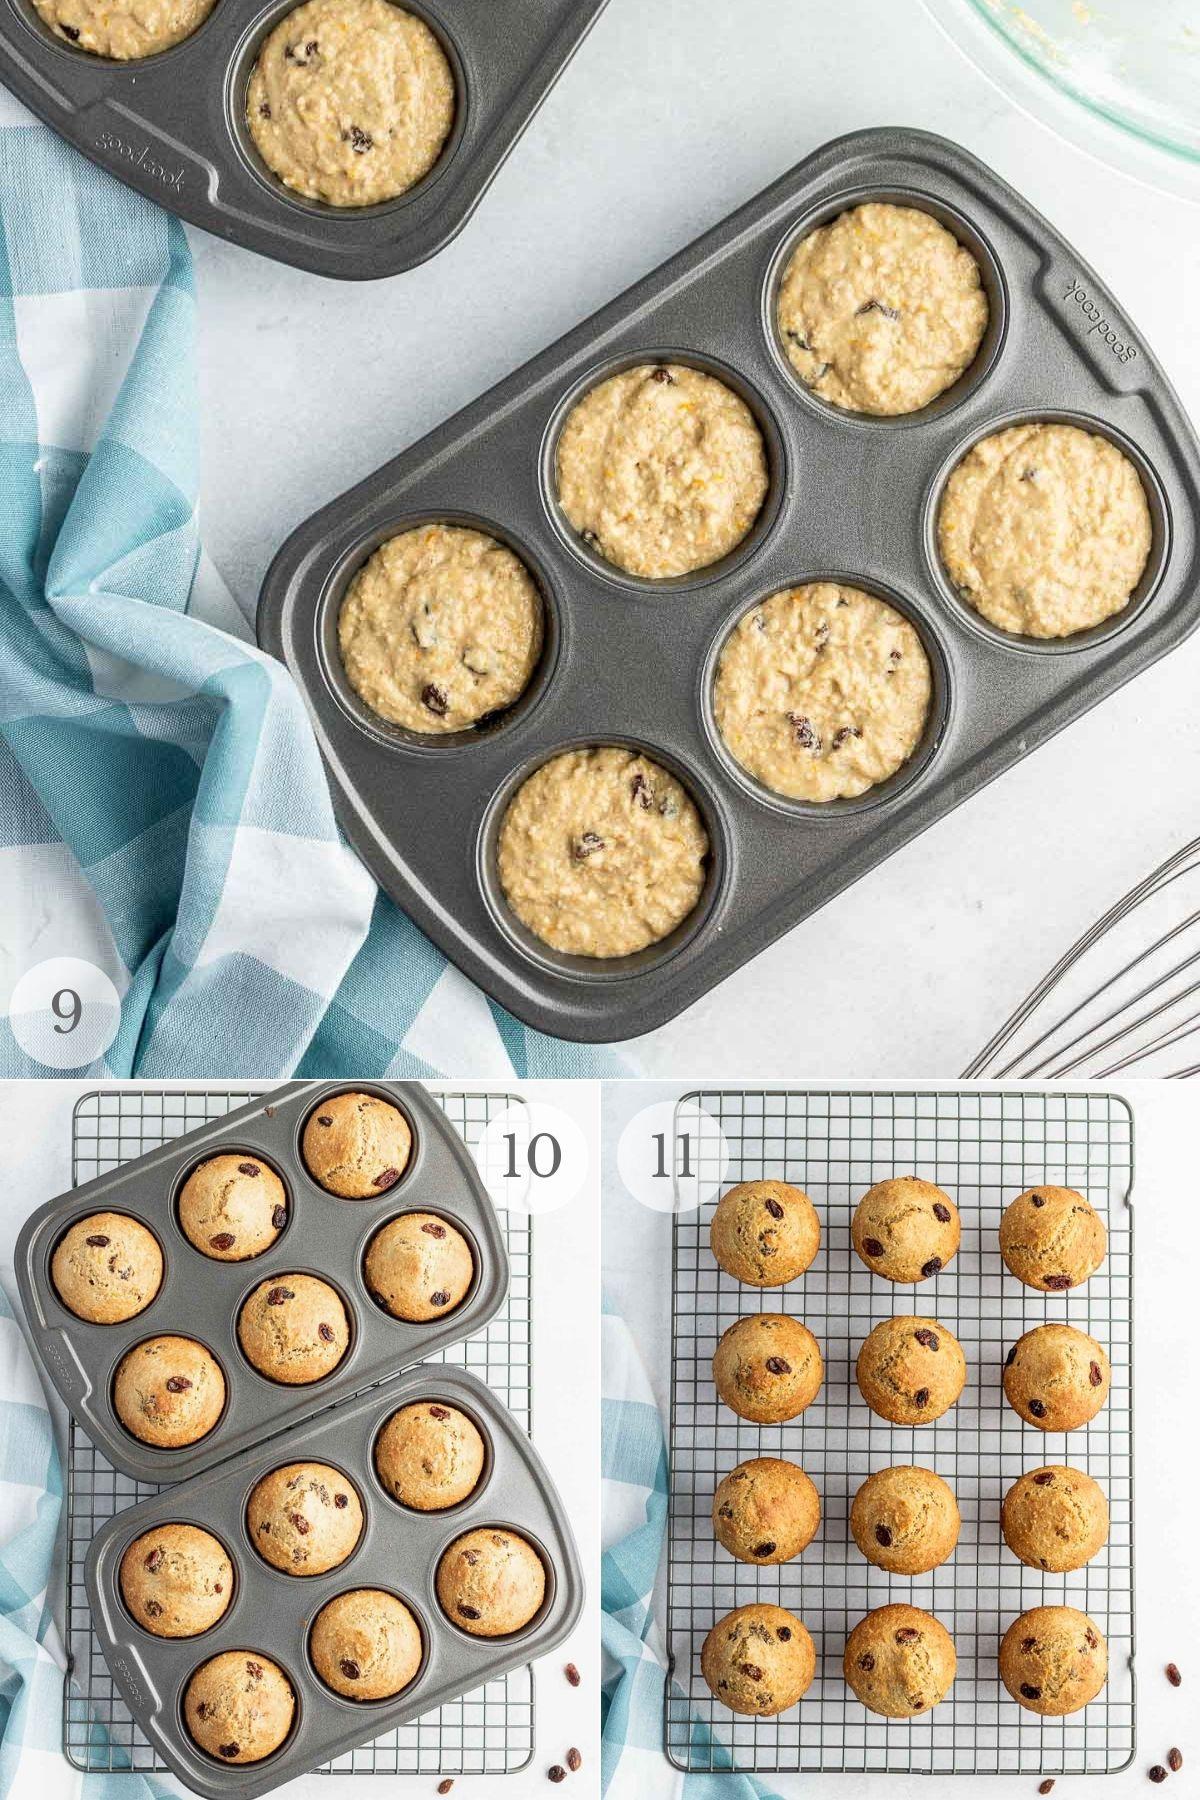 oat bran muffins recipe steps 9-11